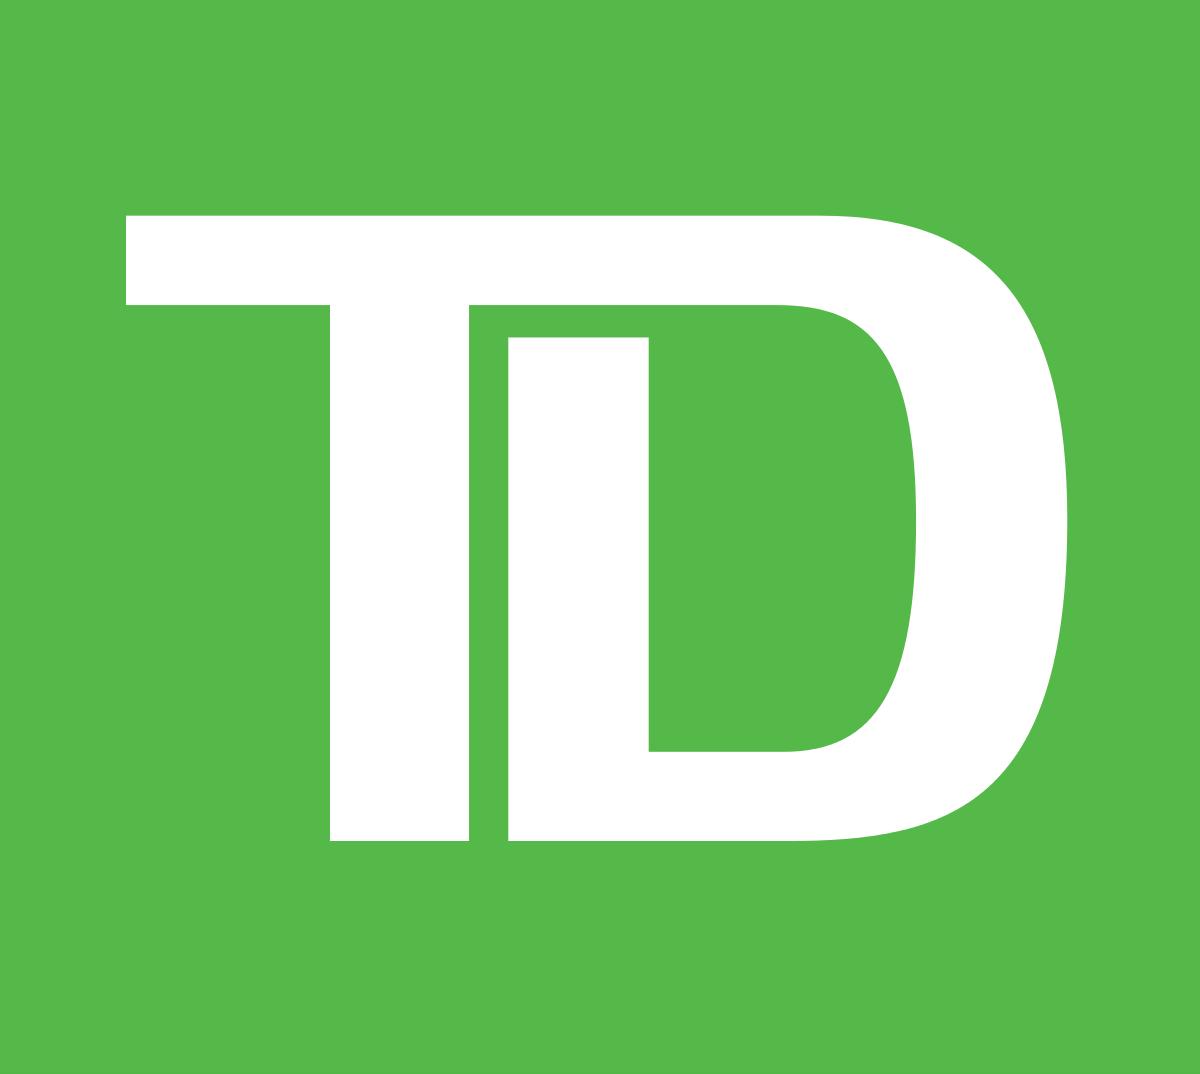 TD銀行当座貸越訴訟